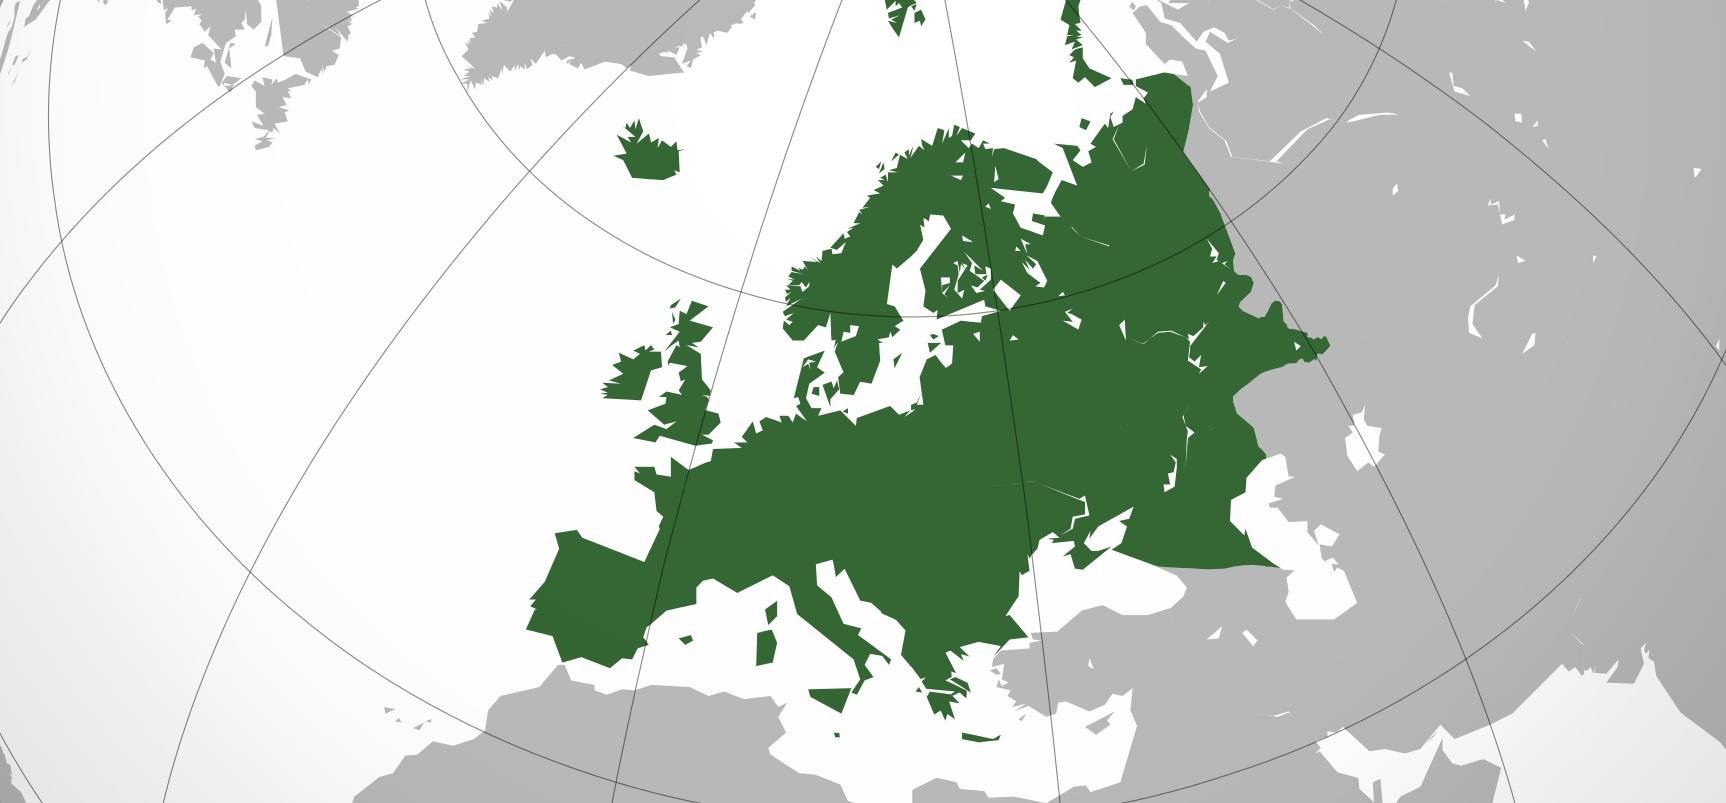 Combien De Pays En Europe Et Union Européenne 2015 pour Pays Et Capitales Union Européenne